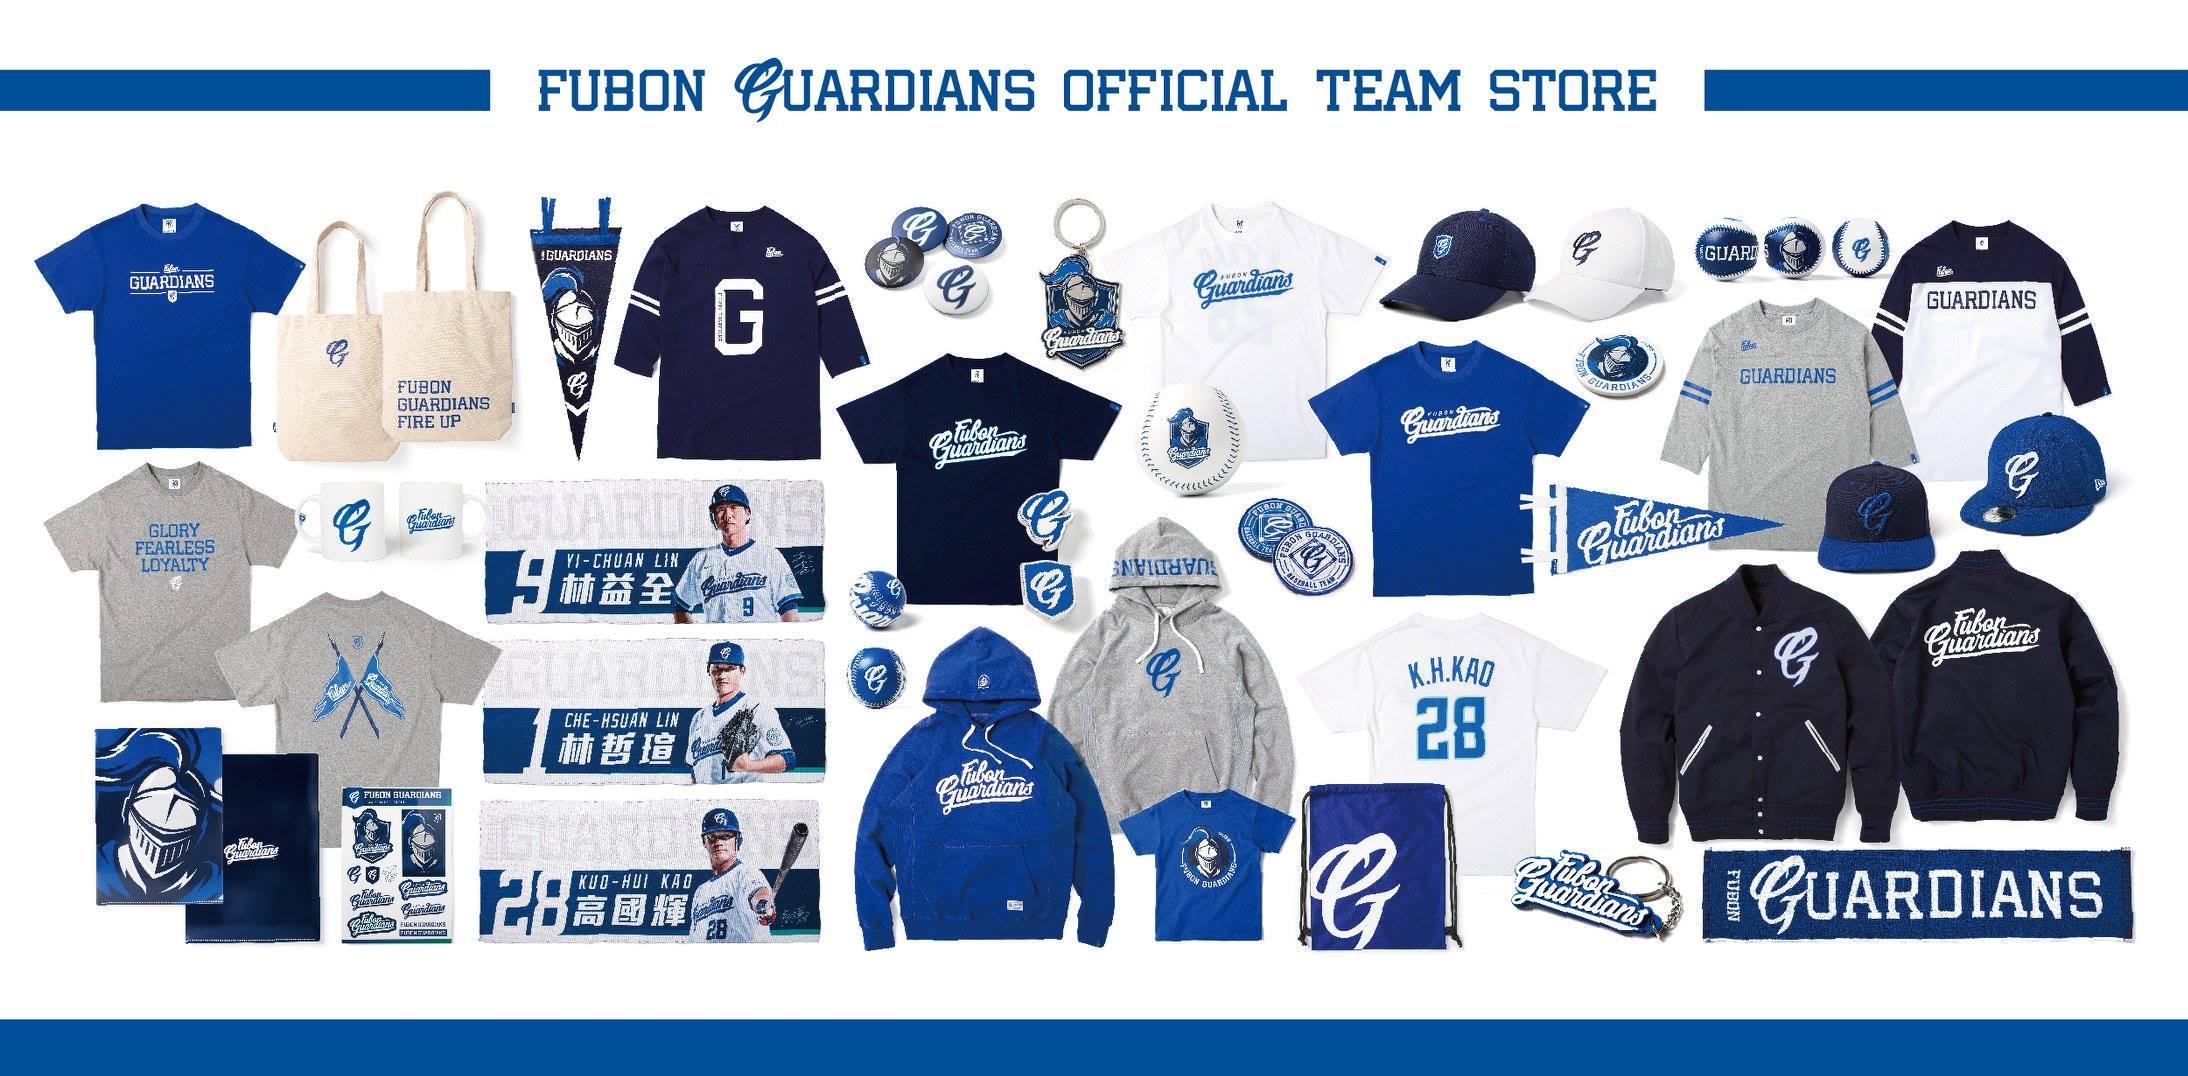 fubon guardians online merchandise